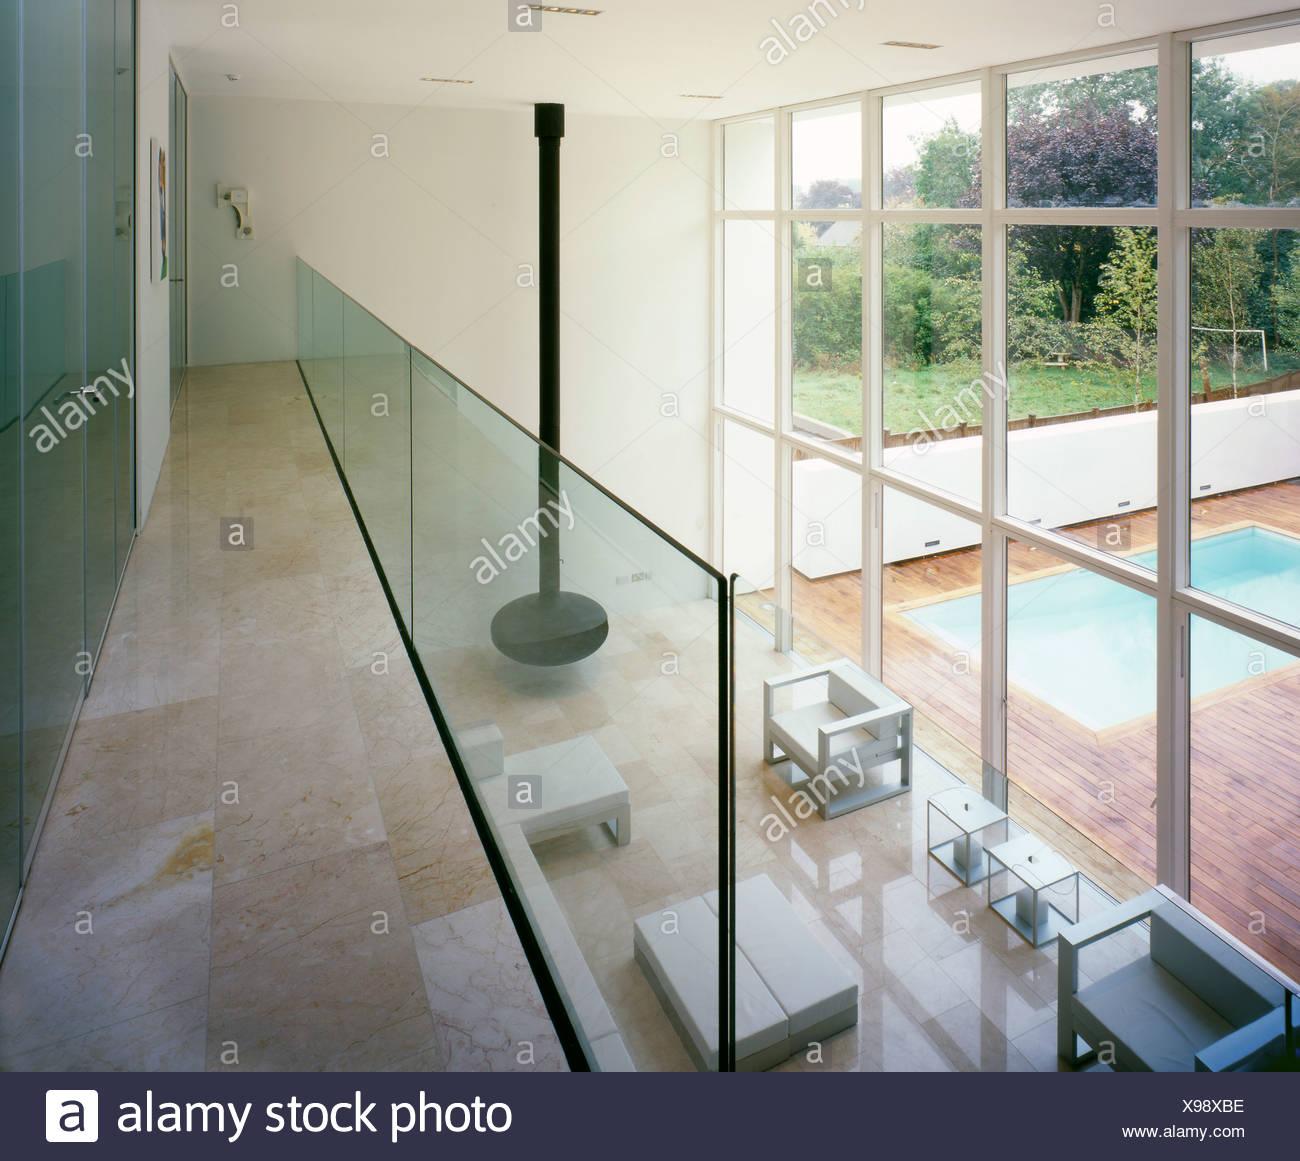 Interiof ein weißes Quadrat moderne Haus, weiße Möbel und ...